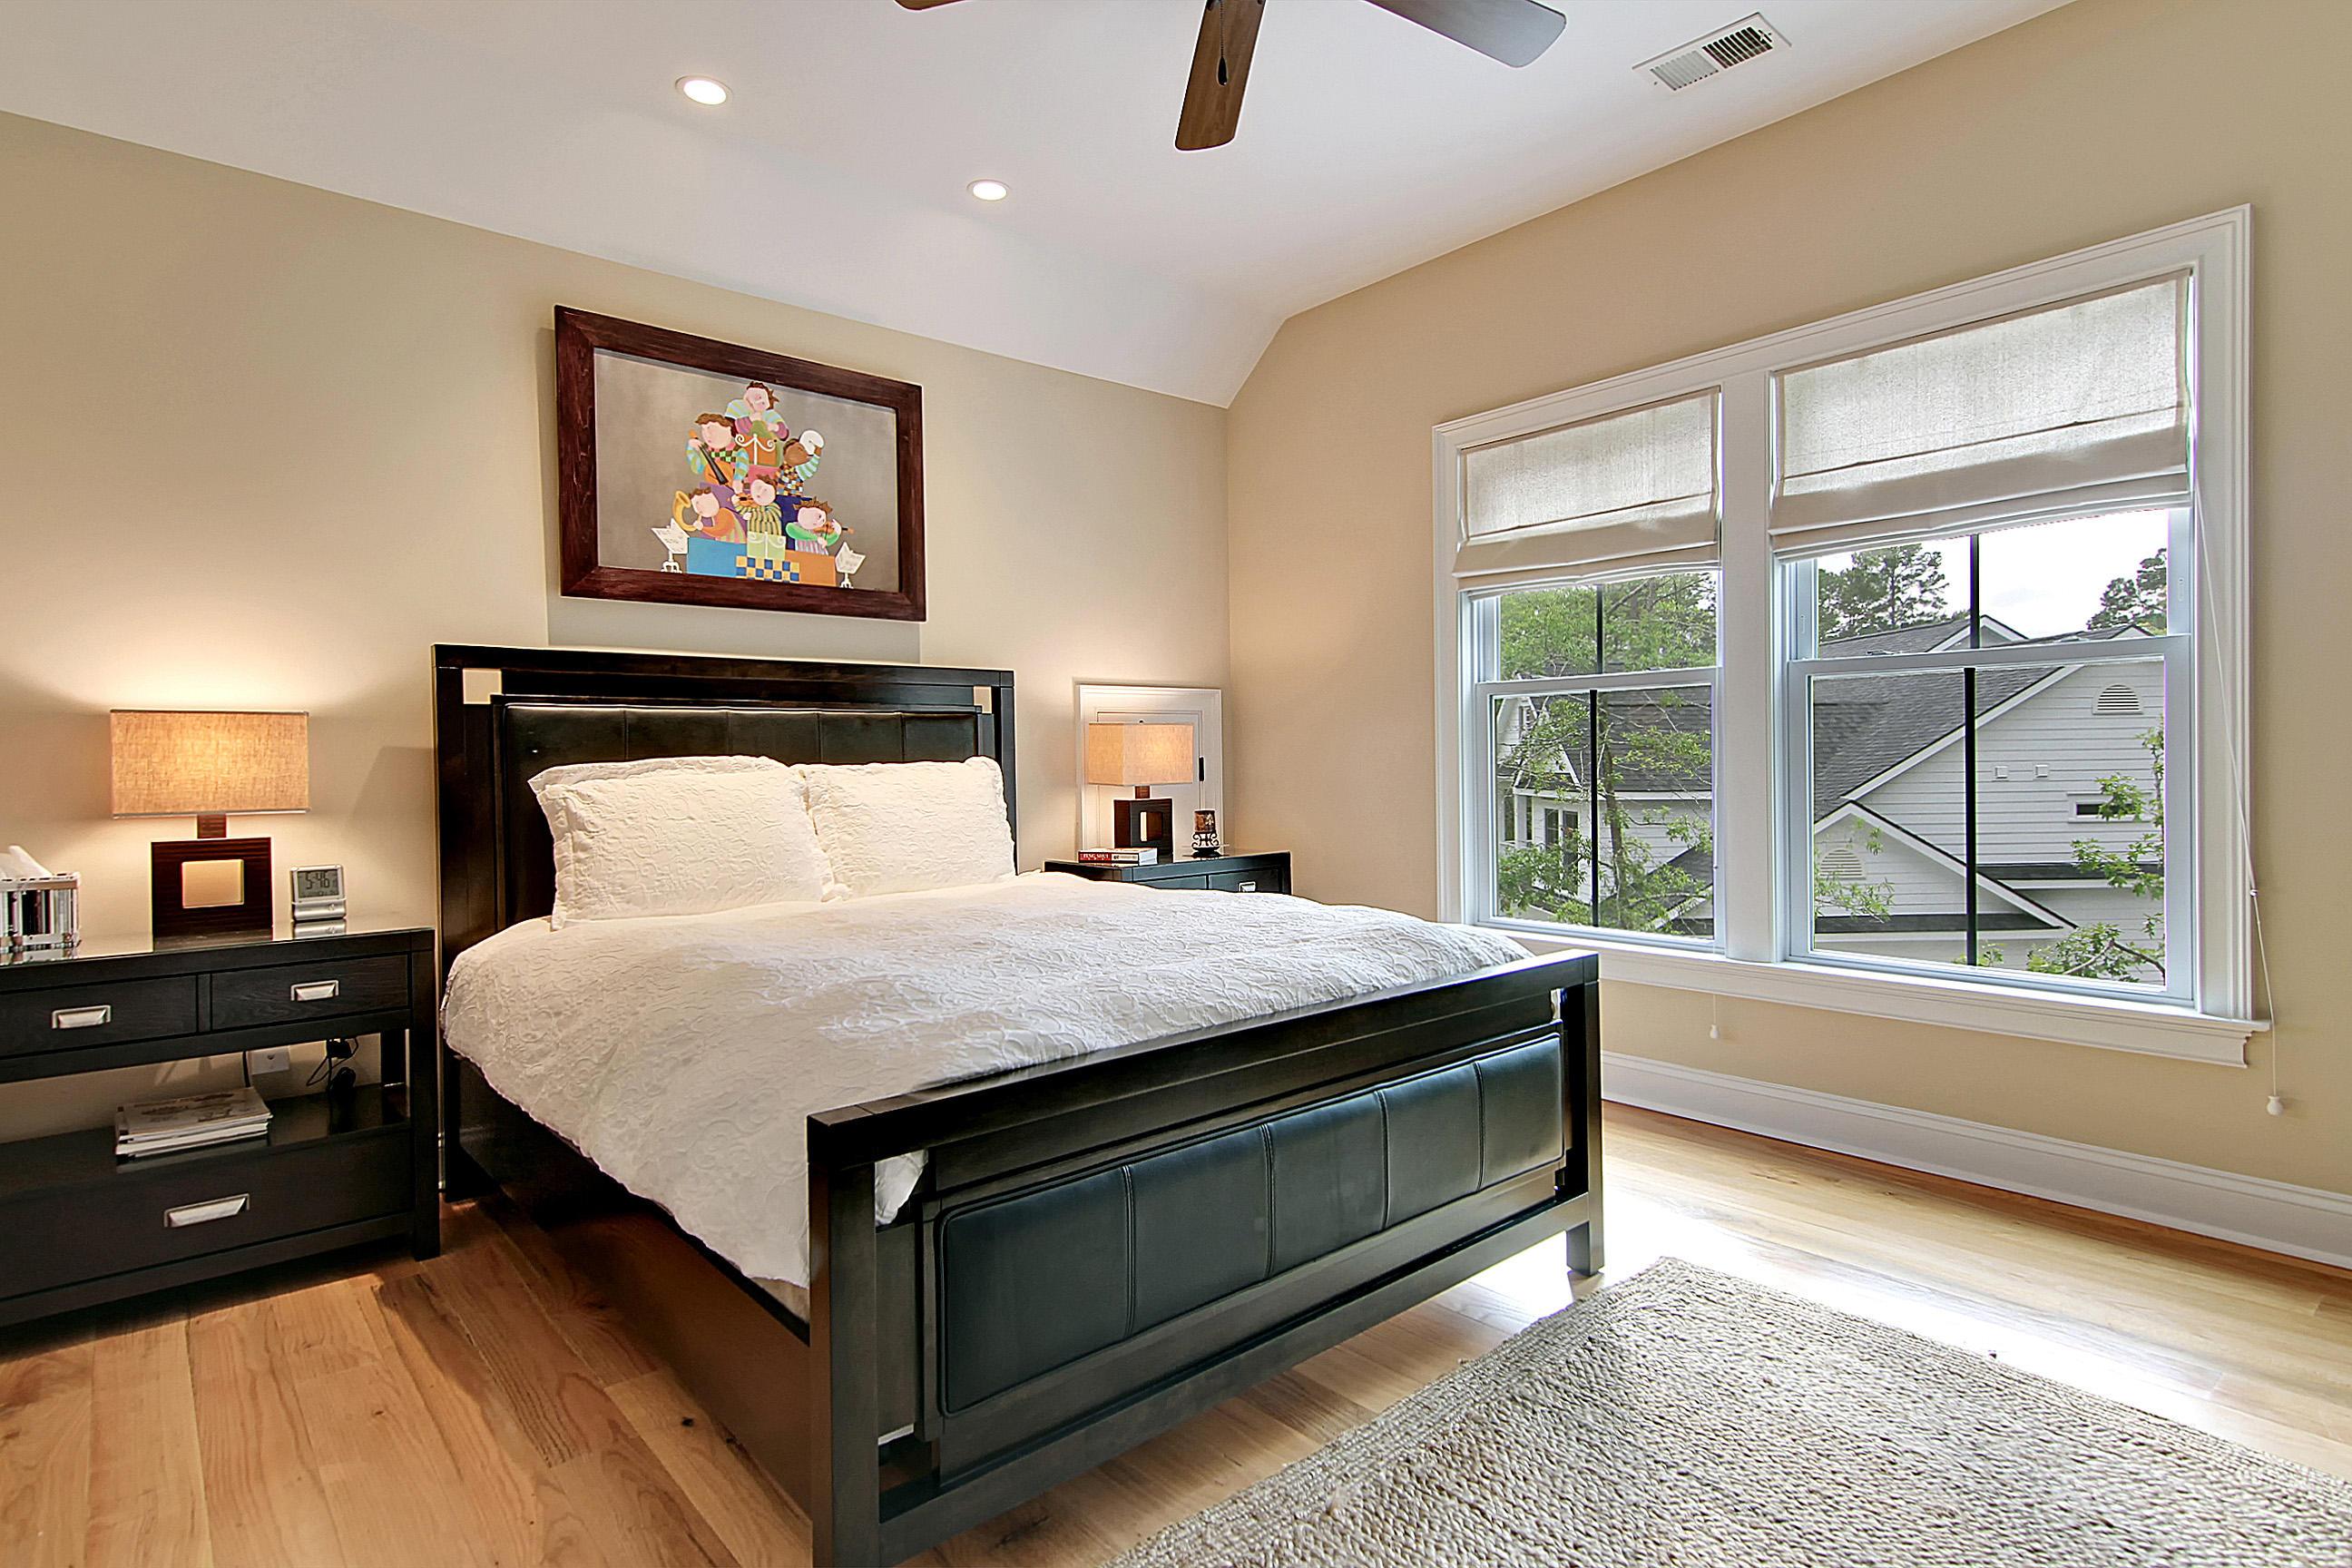 Park West Homes For Sale - 1596 Capel, Mount Pleasant, SC - 16